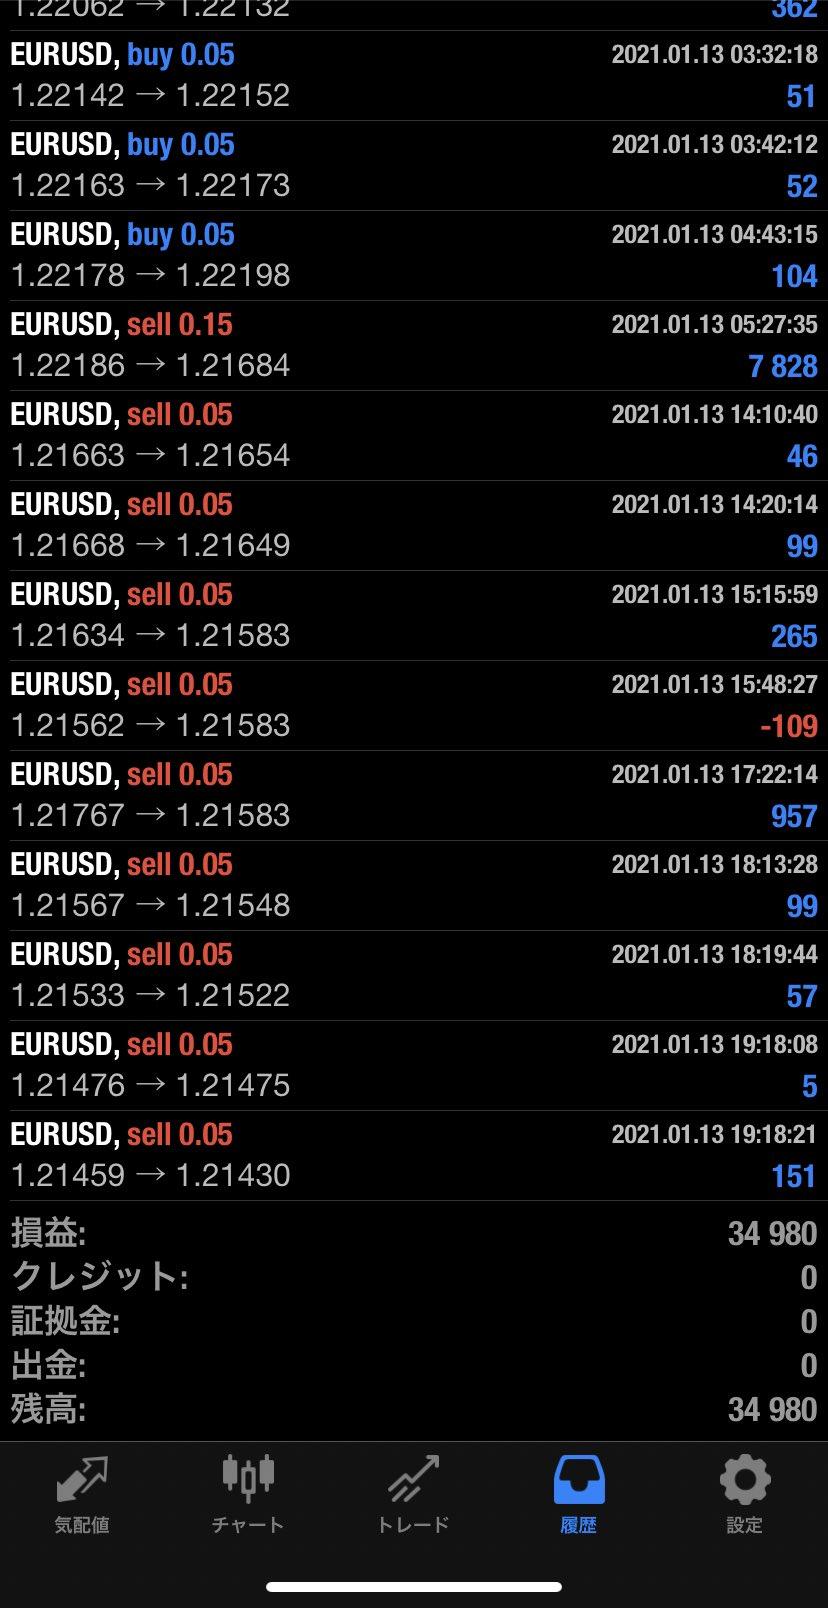 2021年1月13日 EUR/USDバージョン34,980円